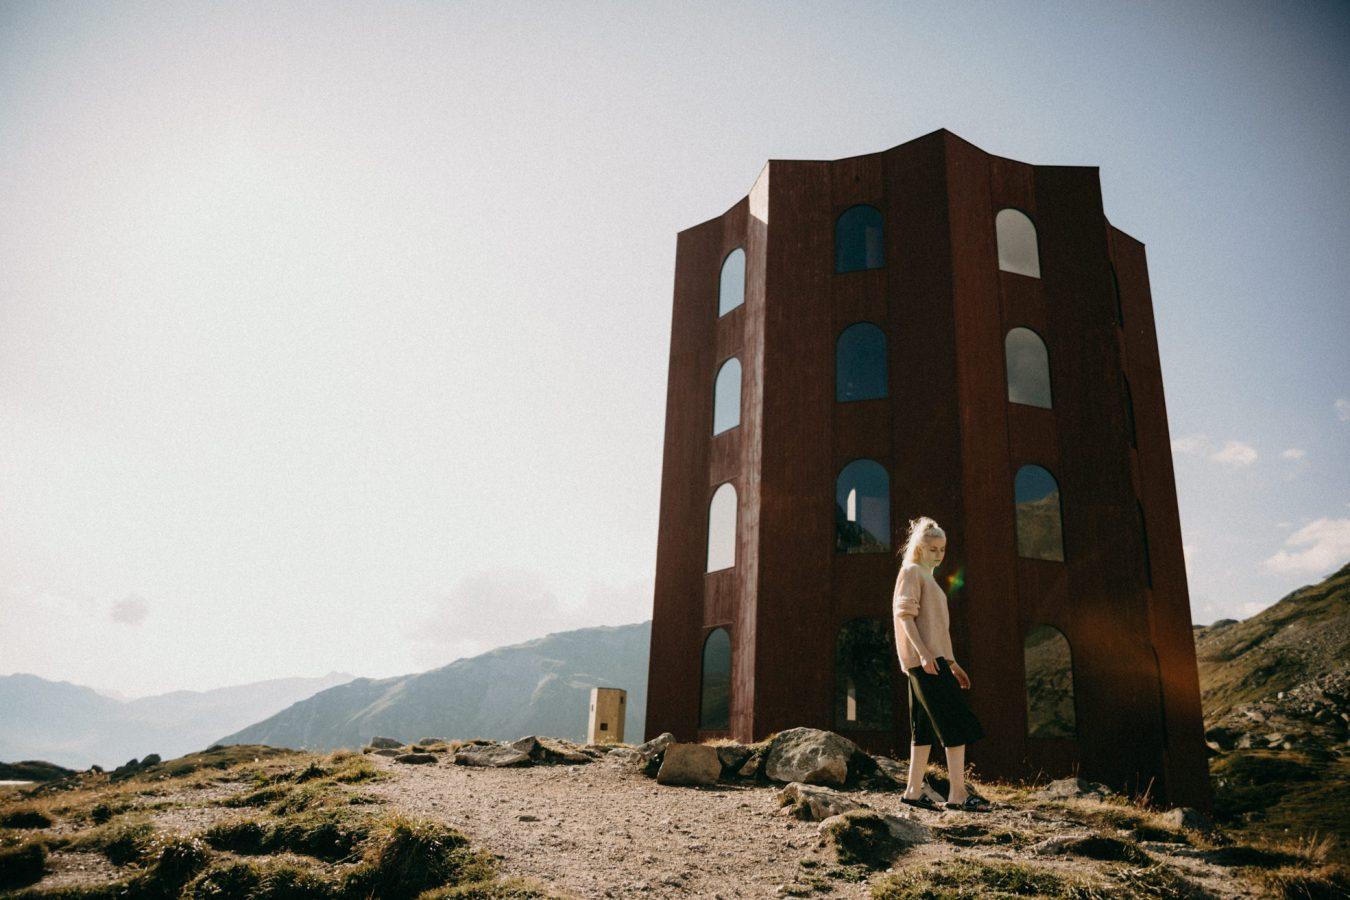 Alpen Landschaft Berge Shooting Portraitsfotografie